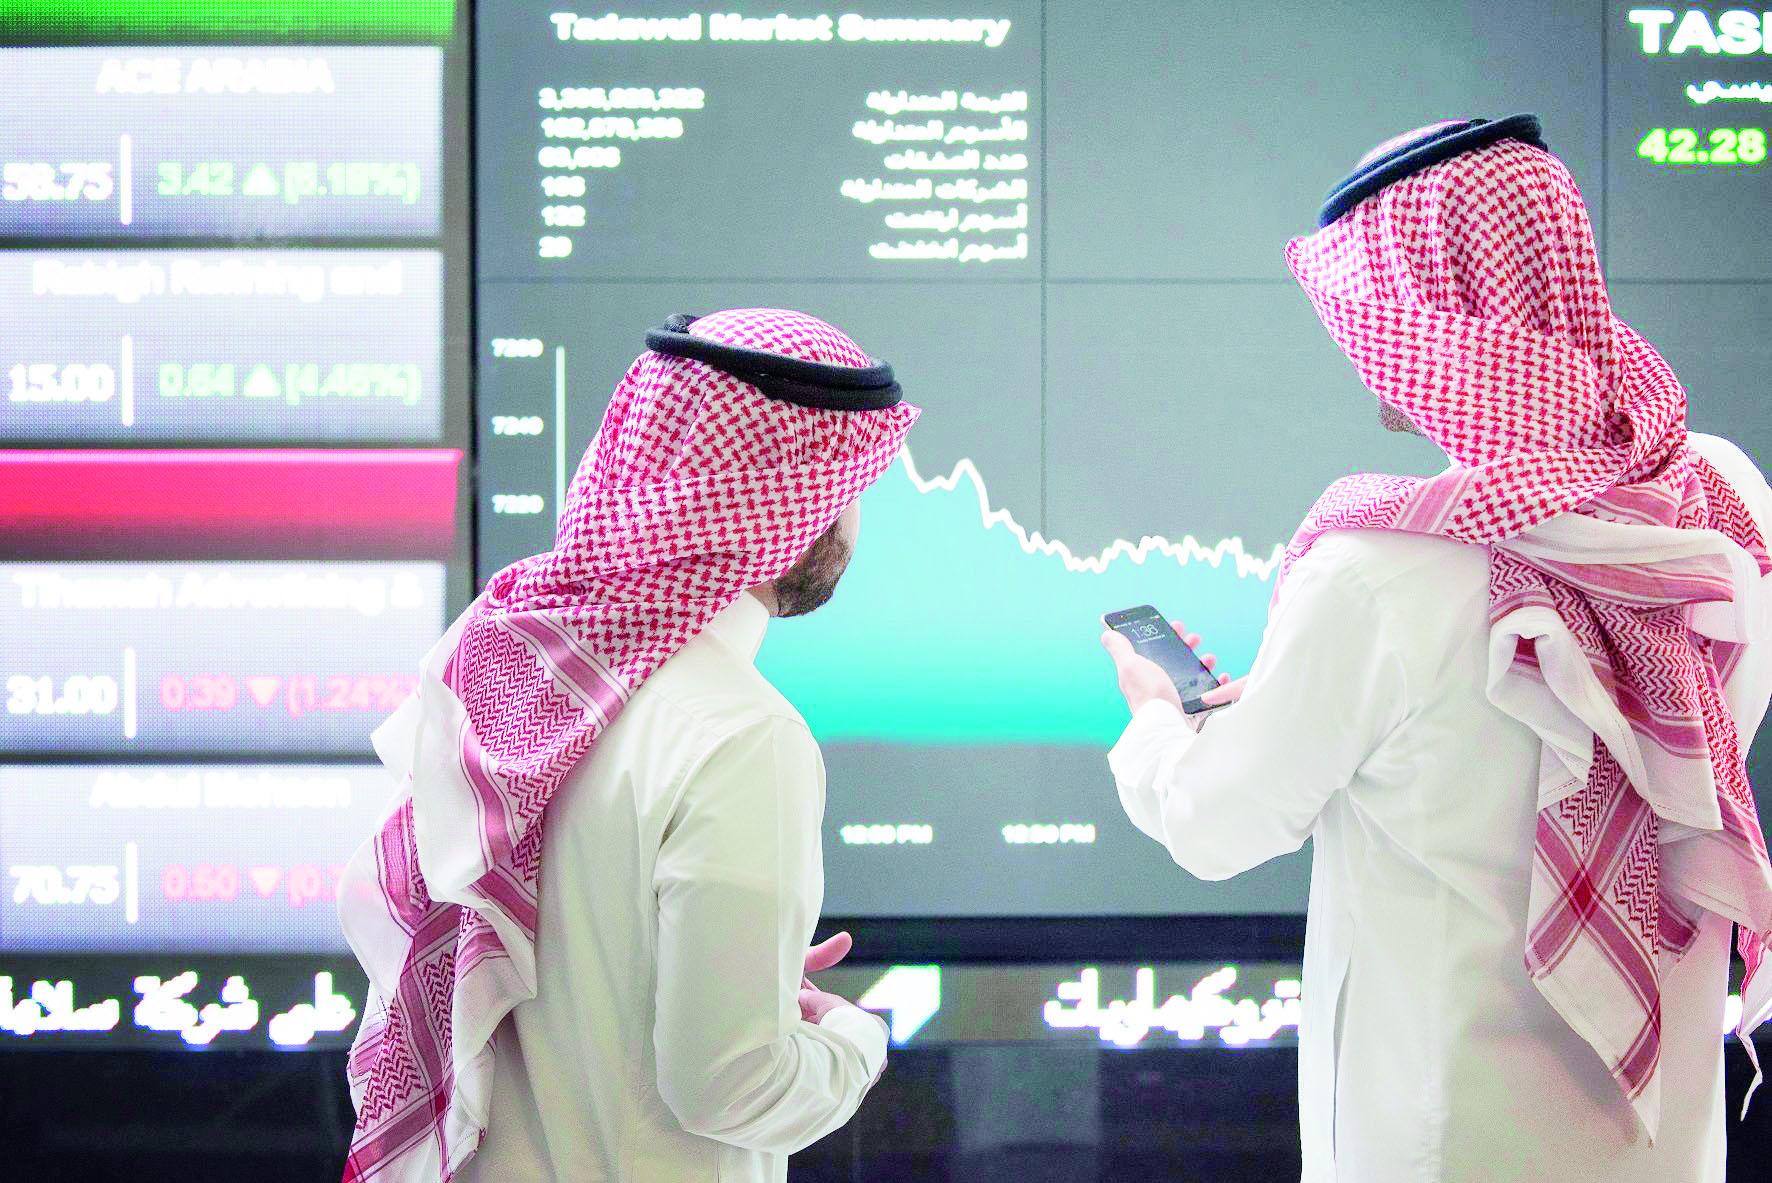 محللون: مخاوف الحرب التجارية  نفسية  على تعاملات سوق الأسهم السعودية   صحيفة الاقتصادية